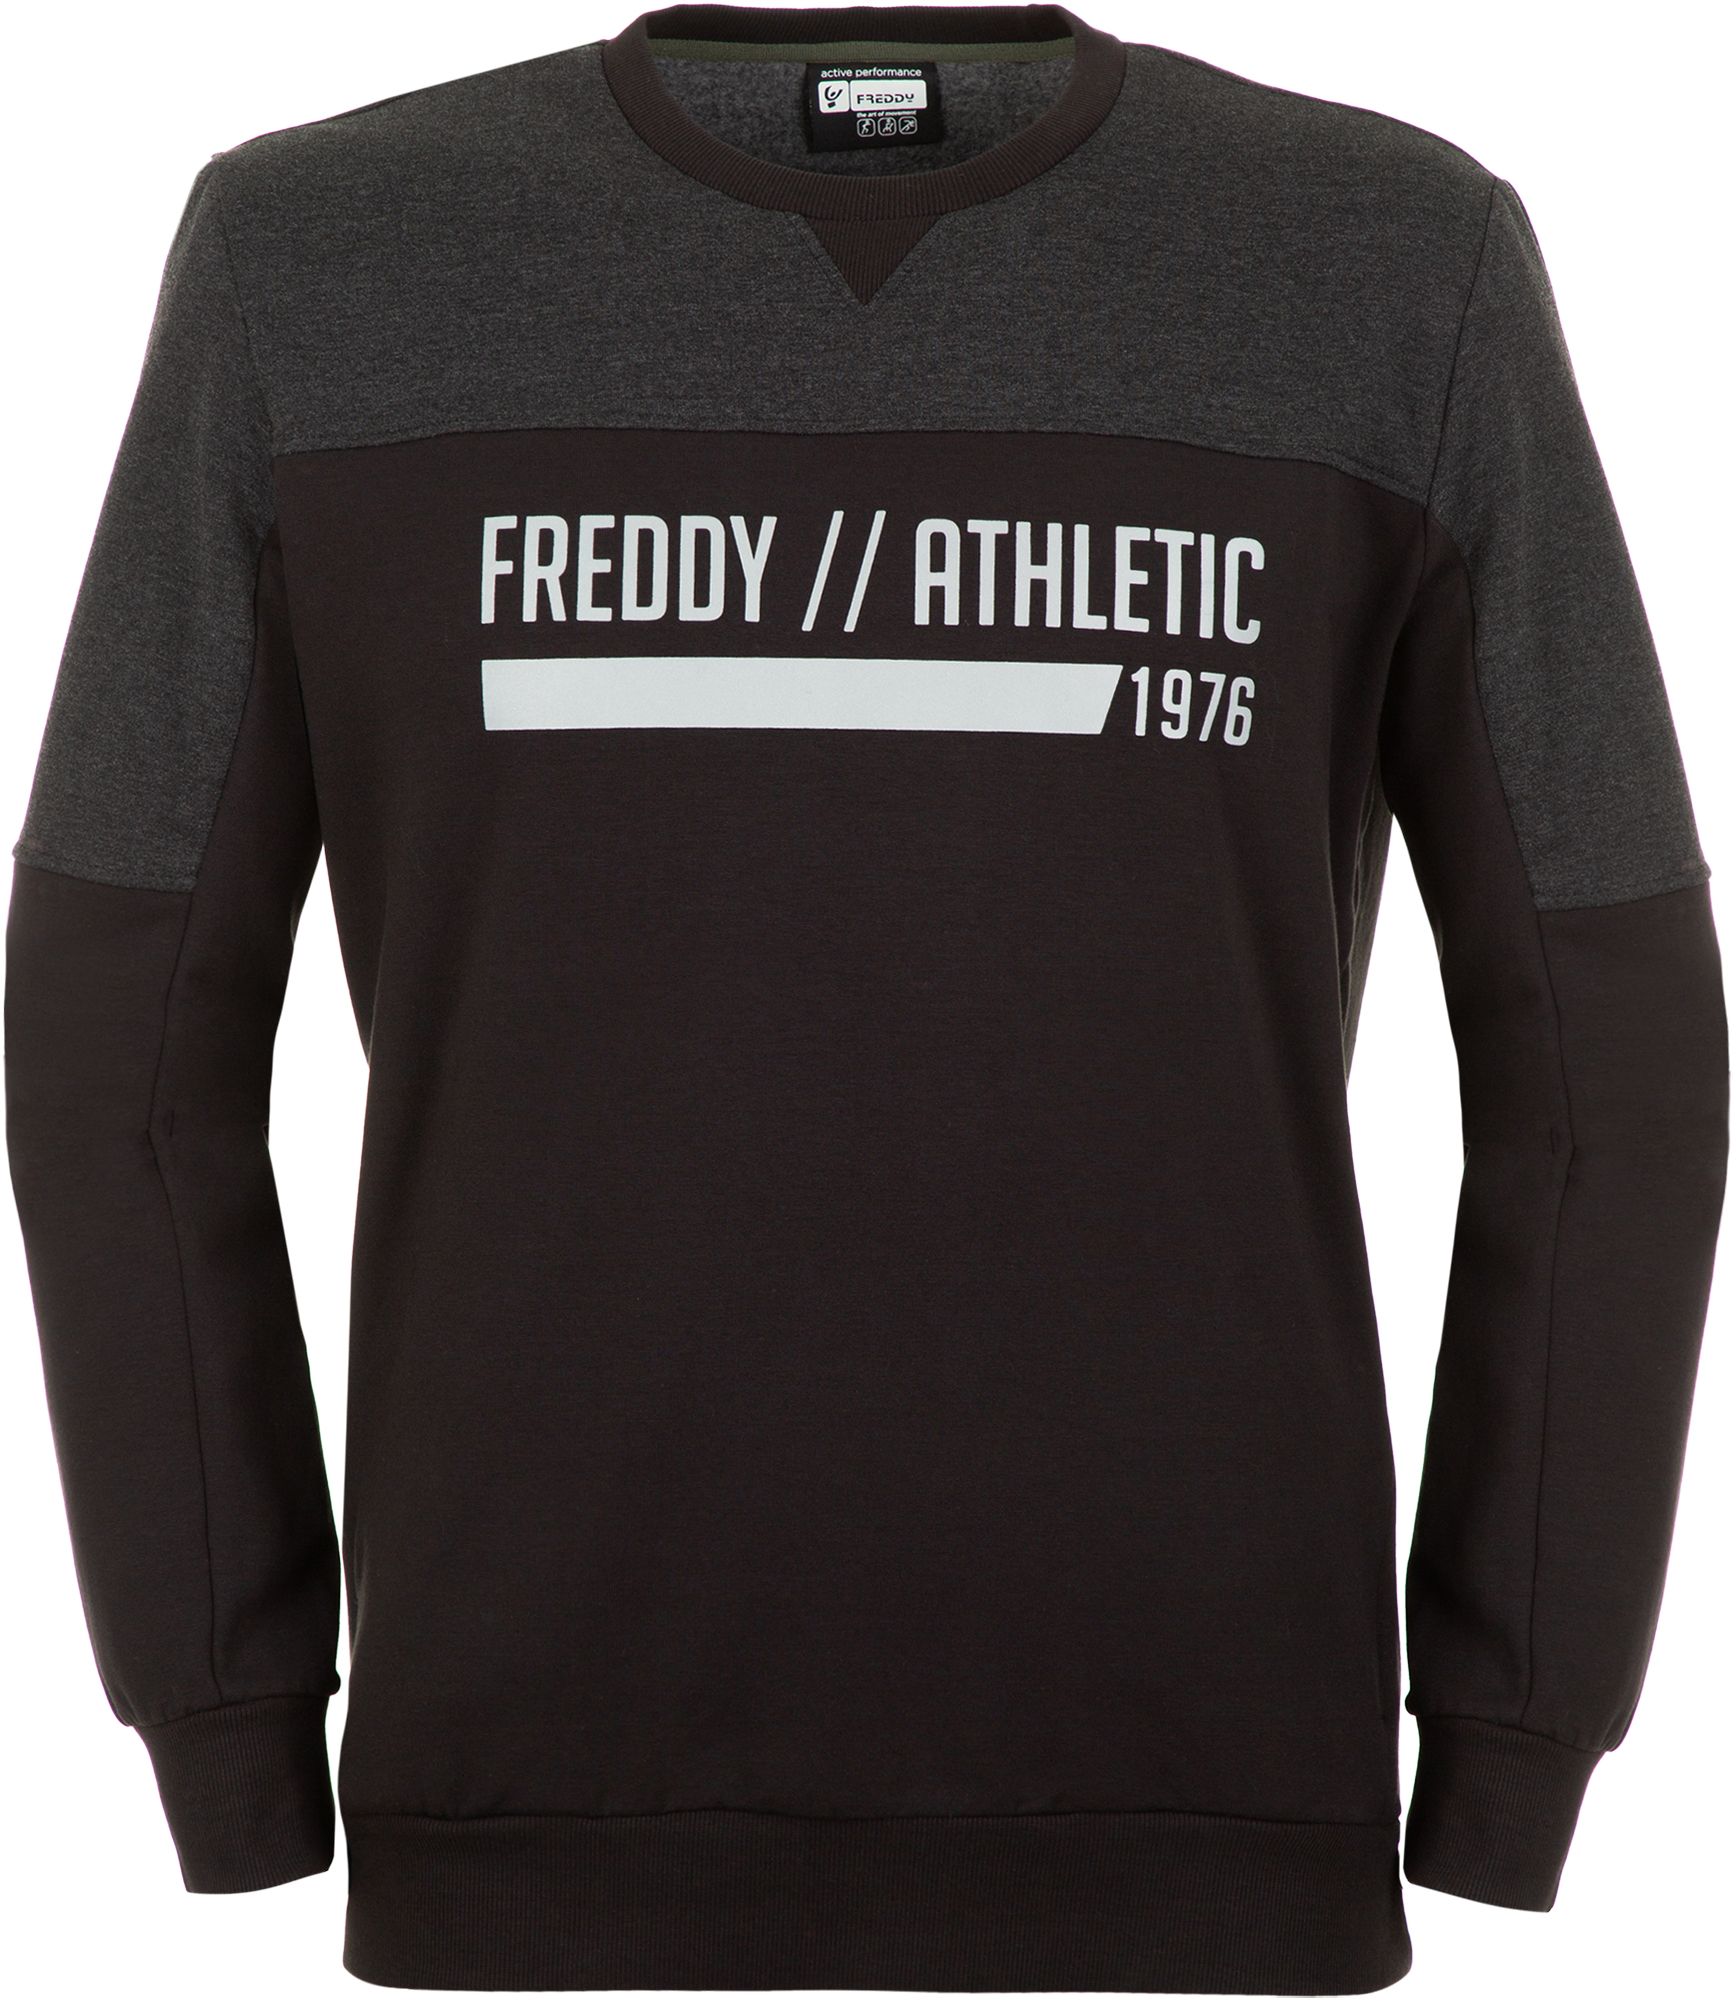 Freddy Свитшот мужской Freddy, размер 54-56